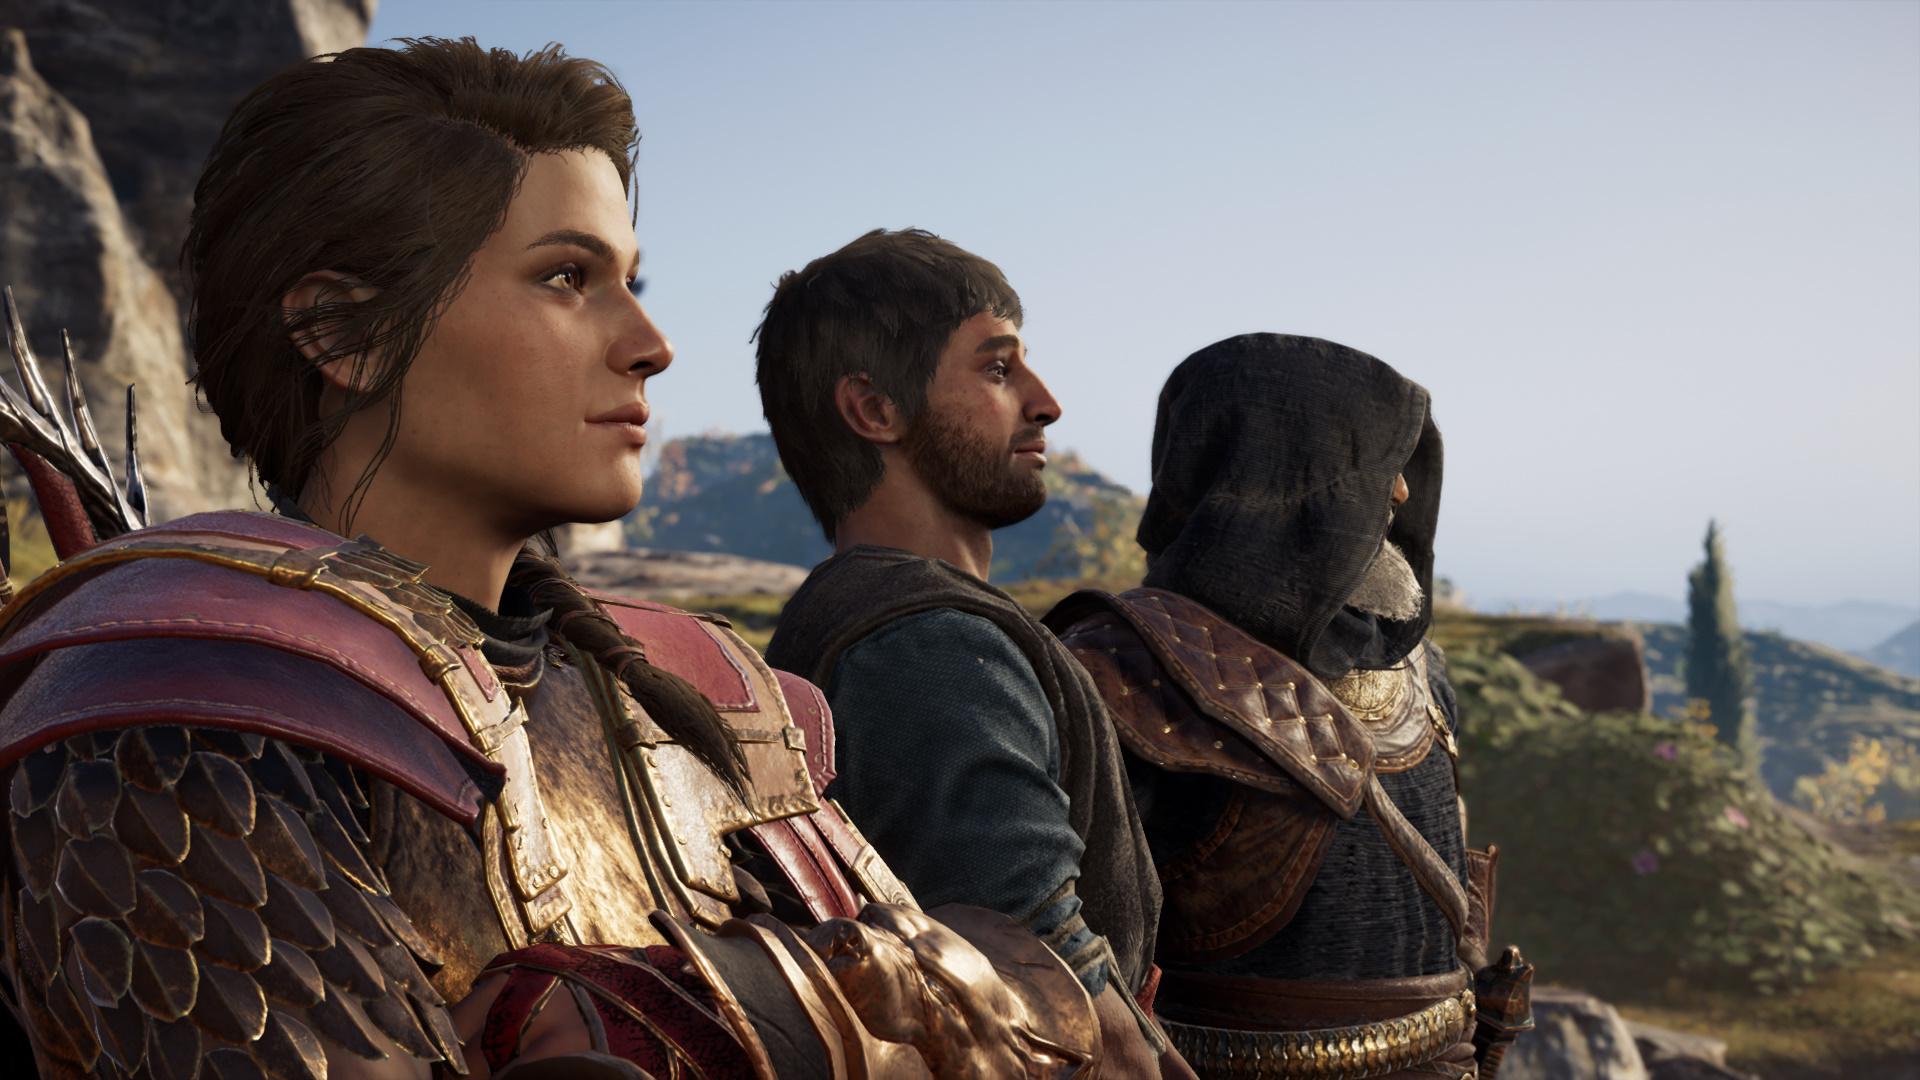 La nuova Patch di Assassin's Creed Odyssey riconfigura scene e dialoghi del DLC controverso.